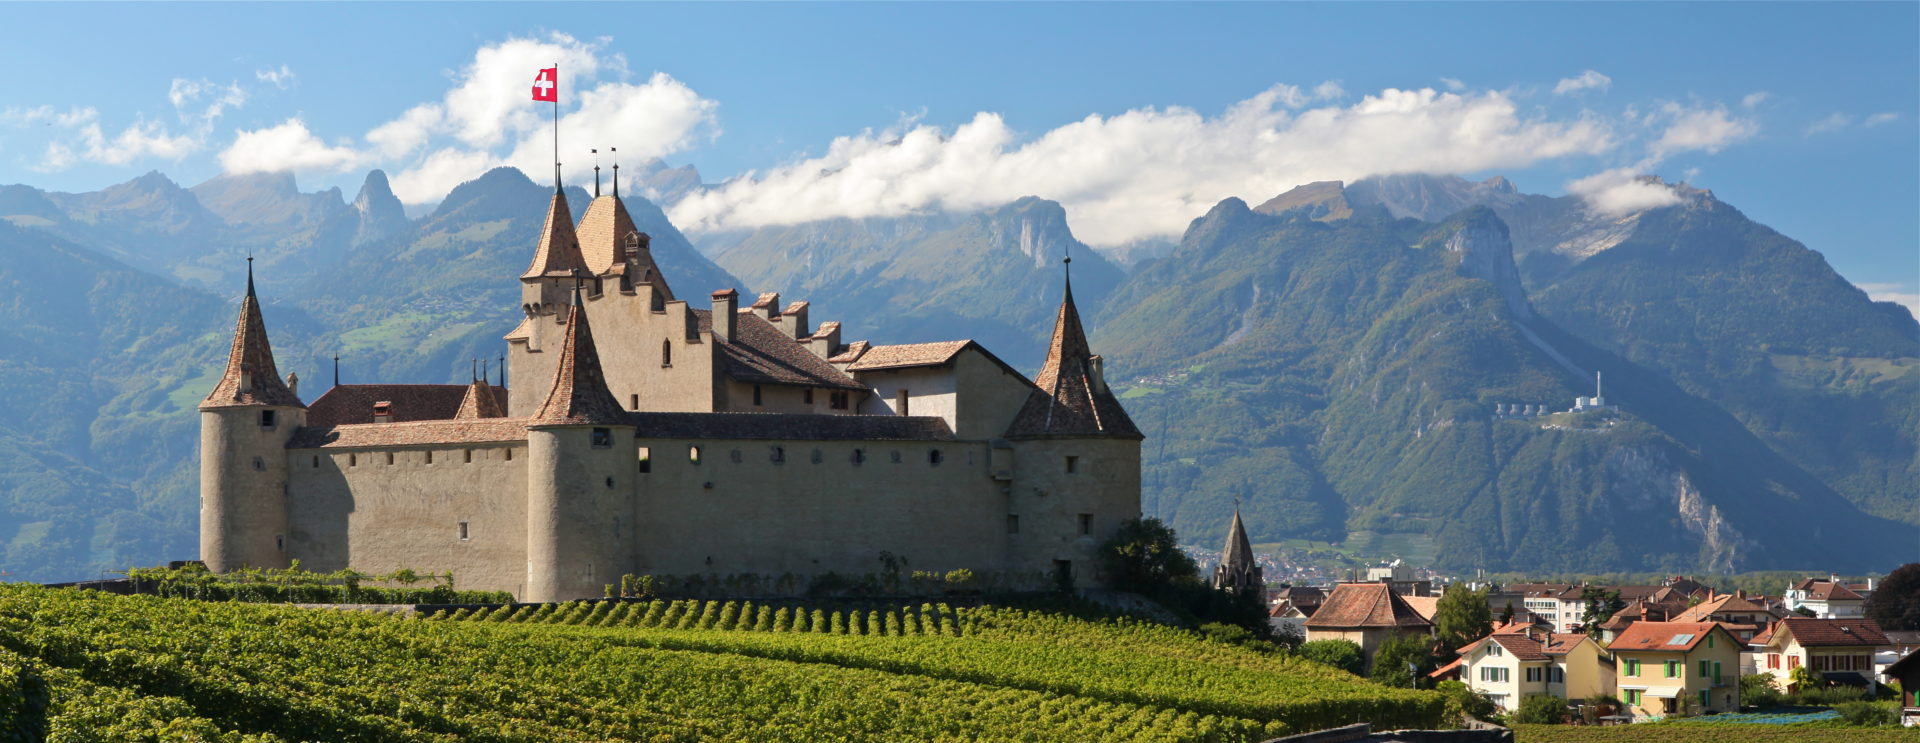 Vue sur le château d'Aigle depuis les vignes.